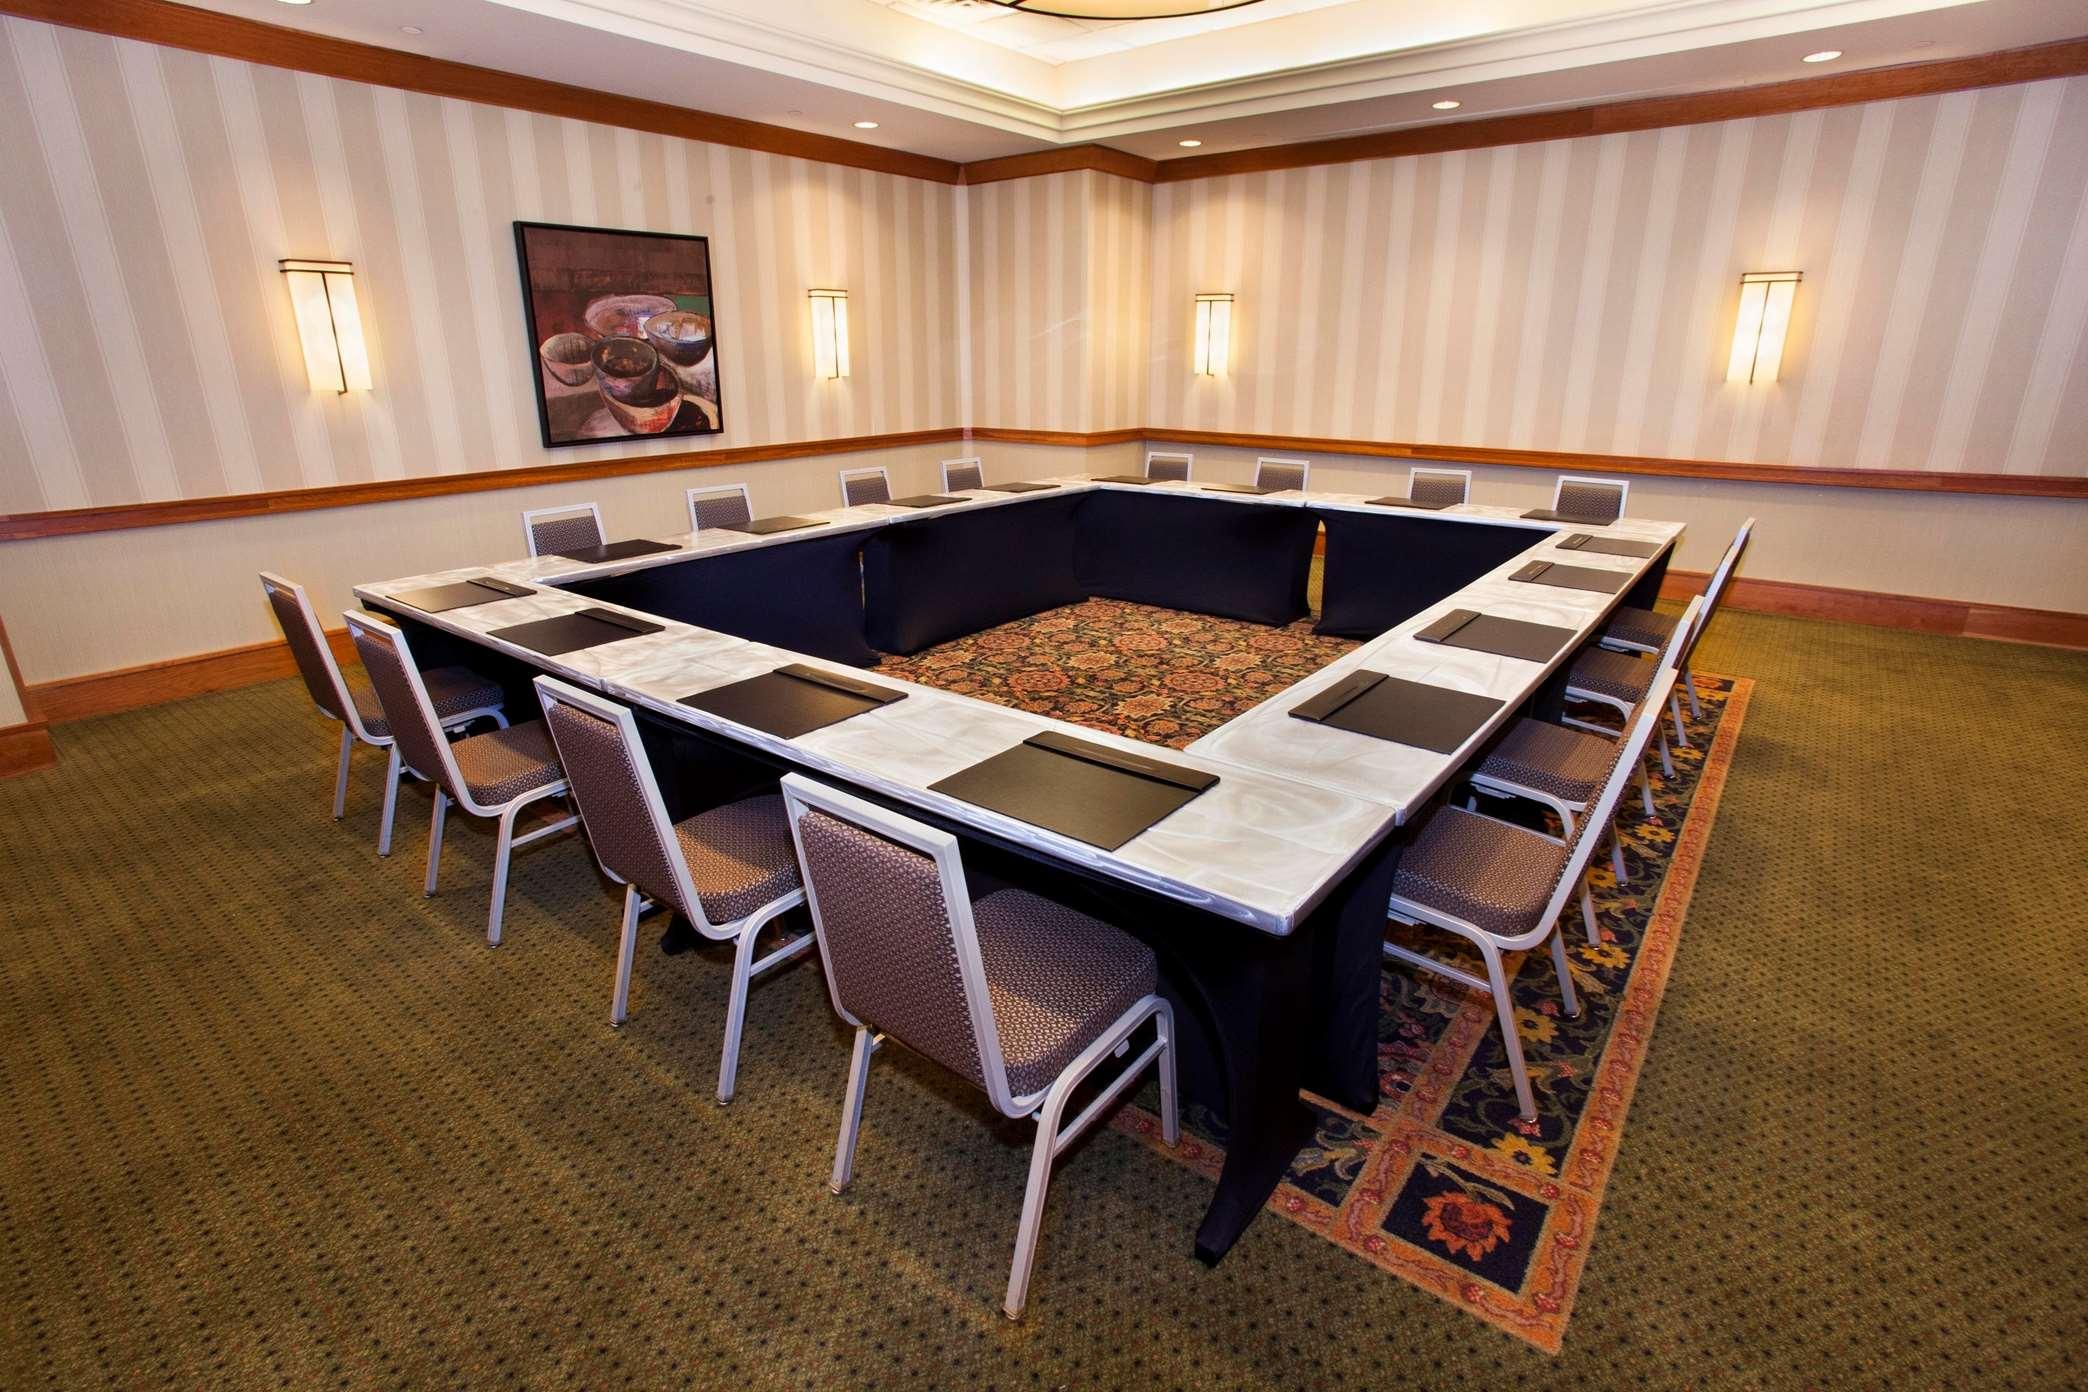 Hilton Chicago/Oak Brook Suites image 33